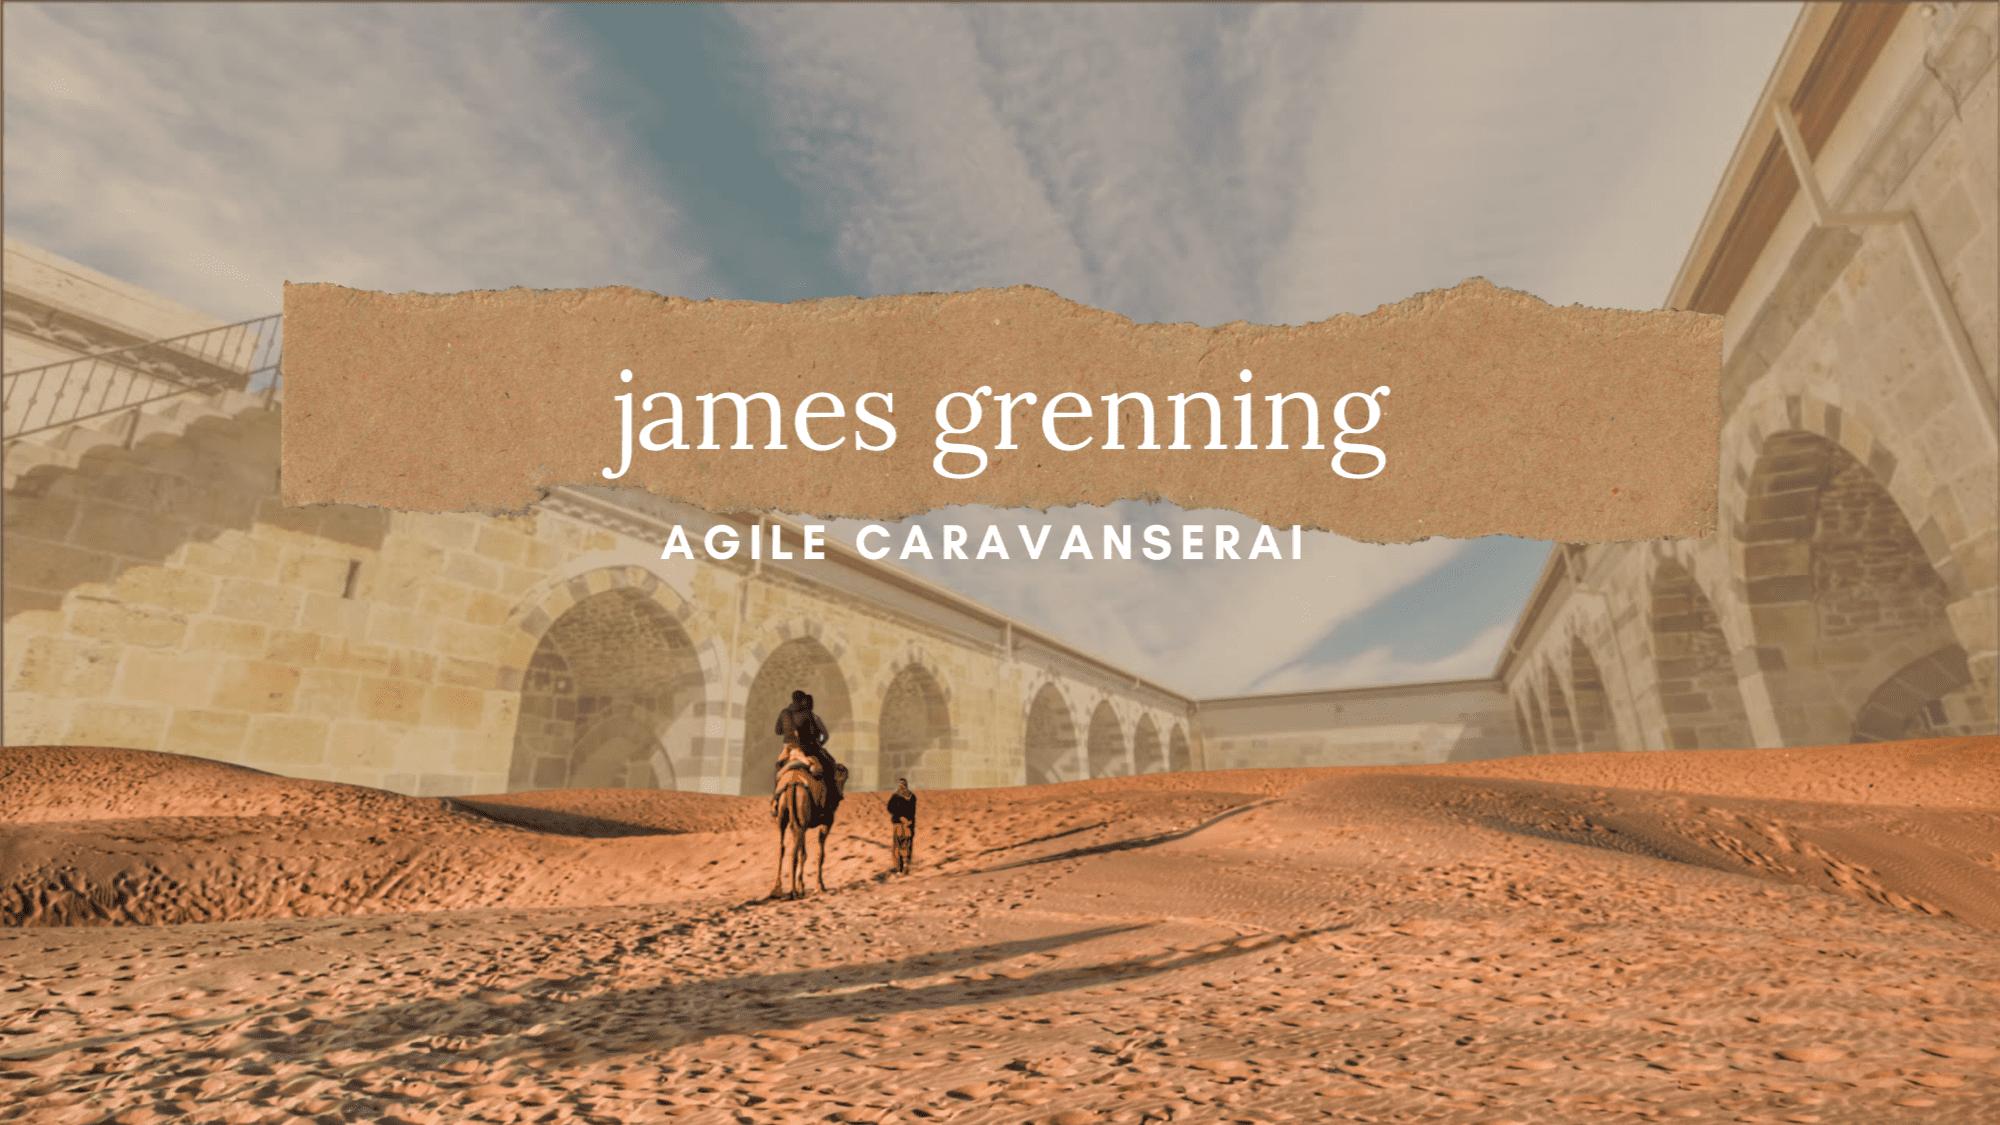 Agile Caravanserai James Grenning